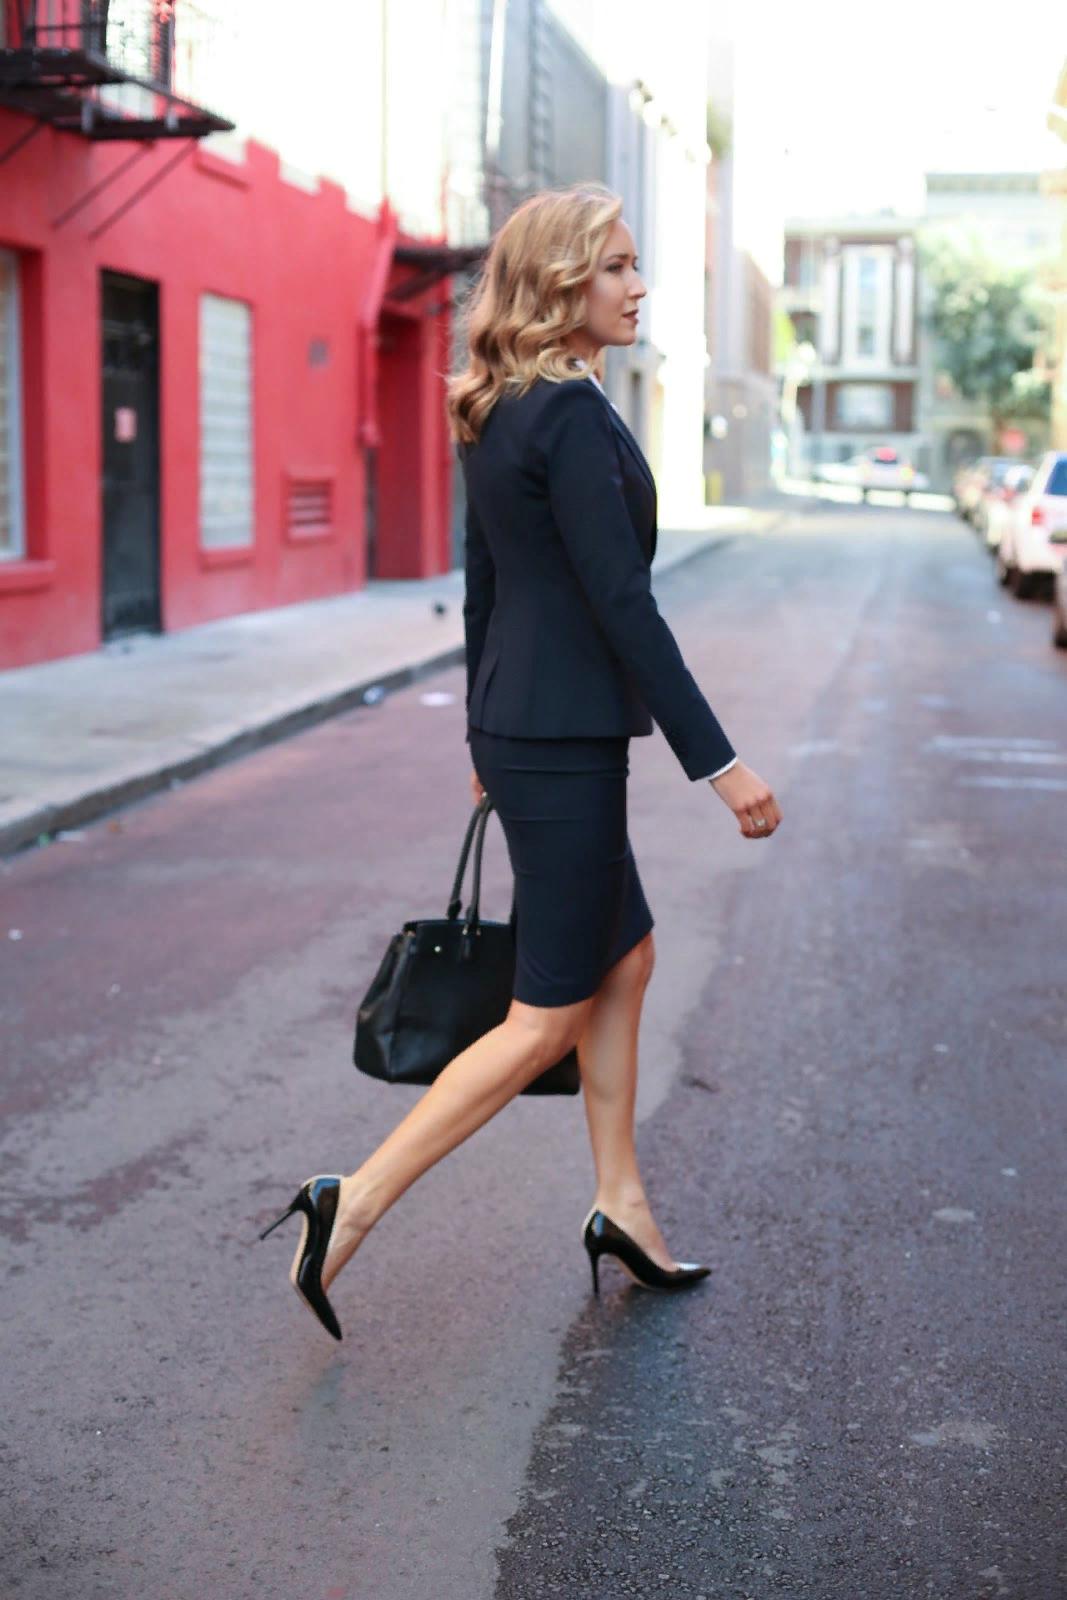 Что общего у модного платья с уровнем интеллекта? 3 факта, которые вас удивят